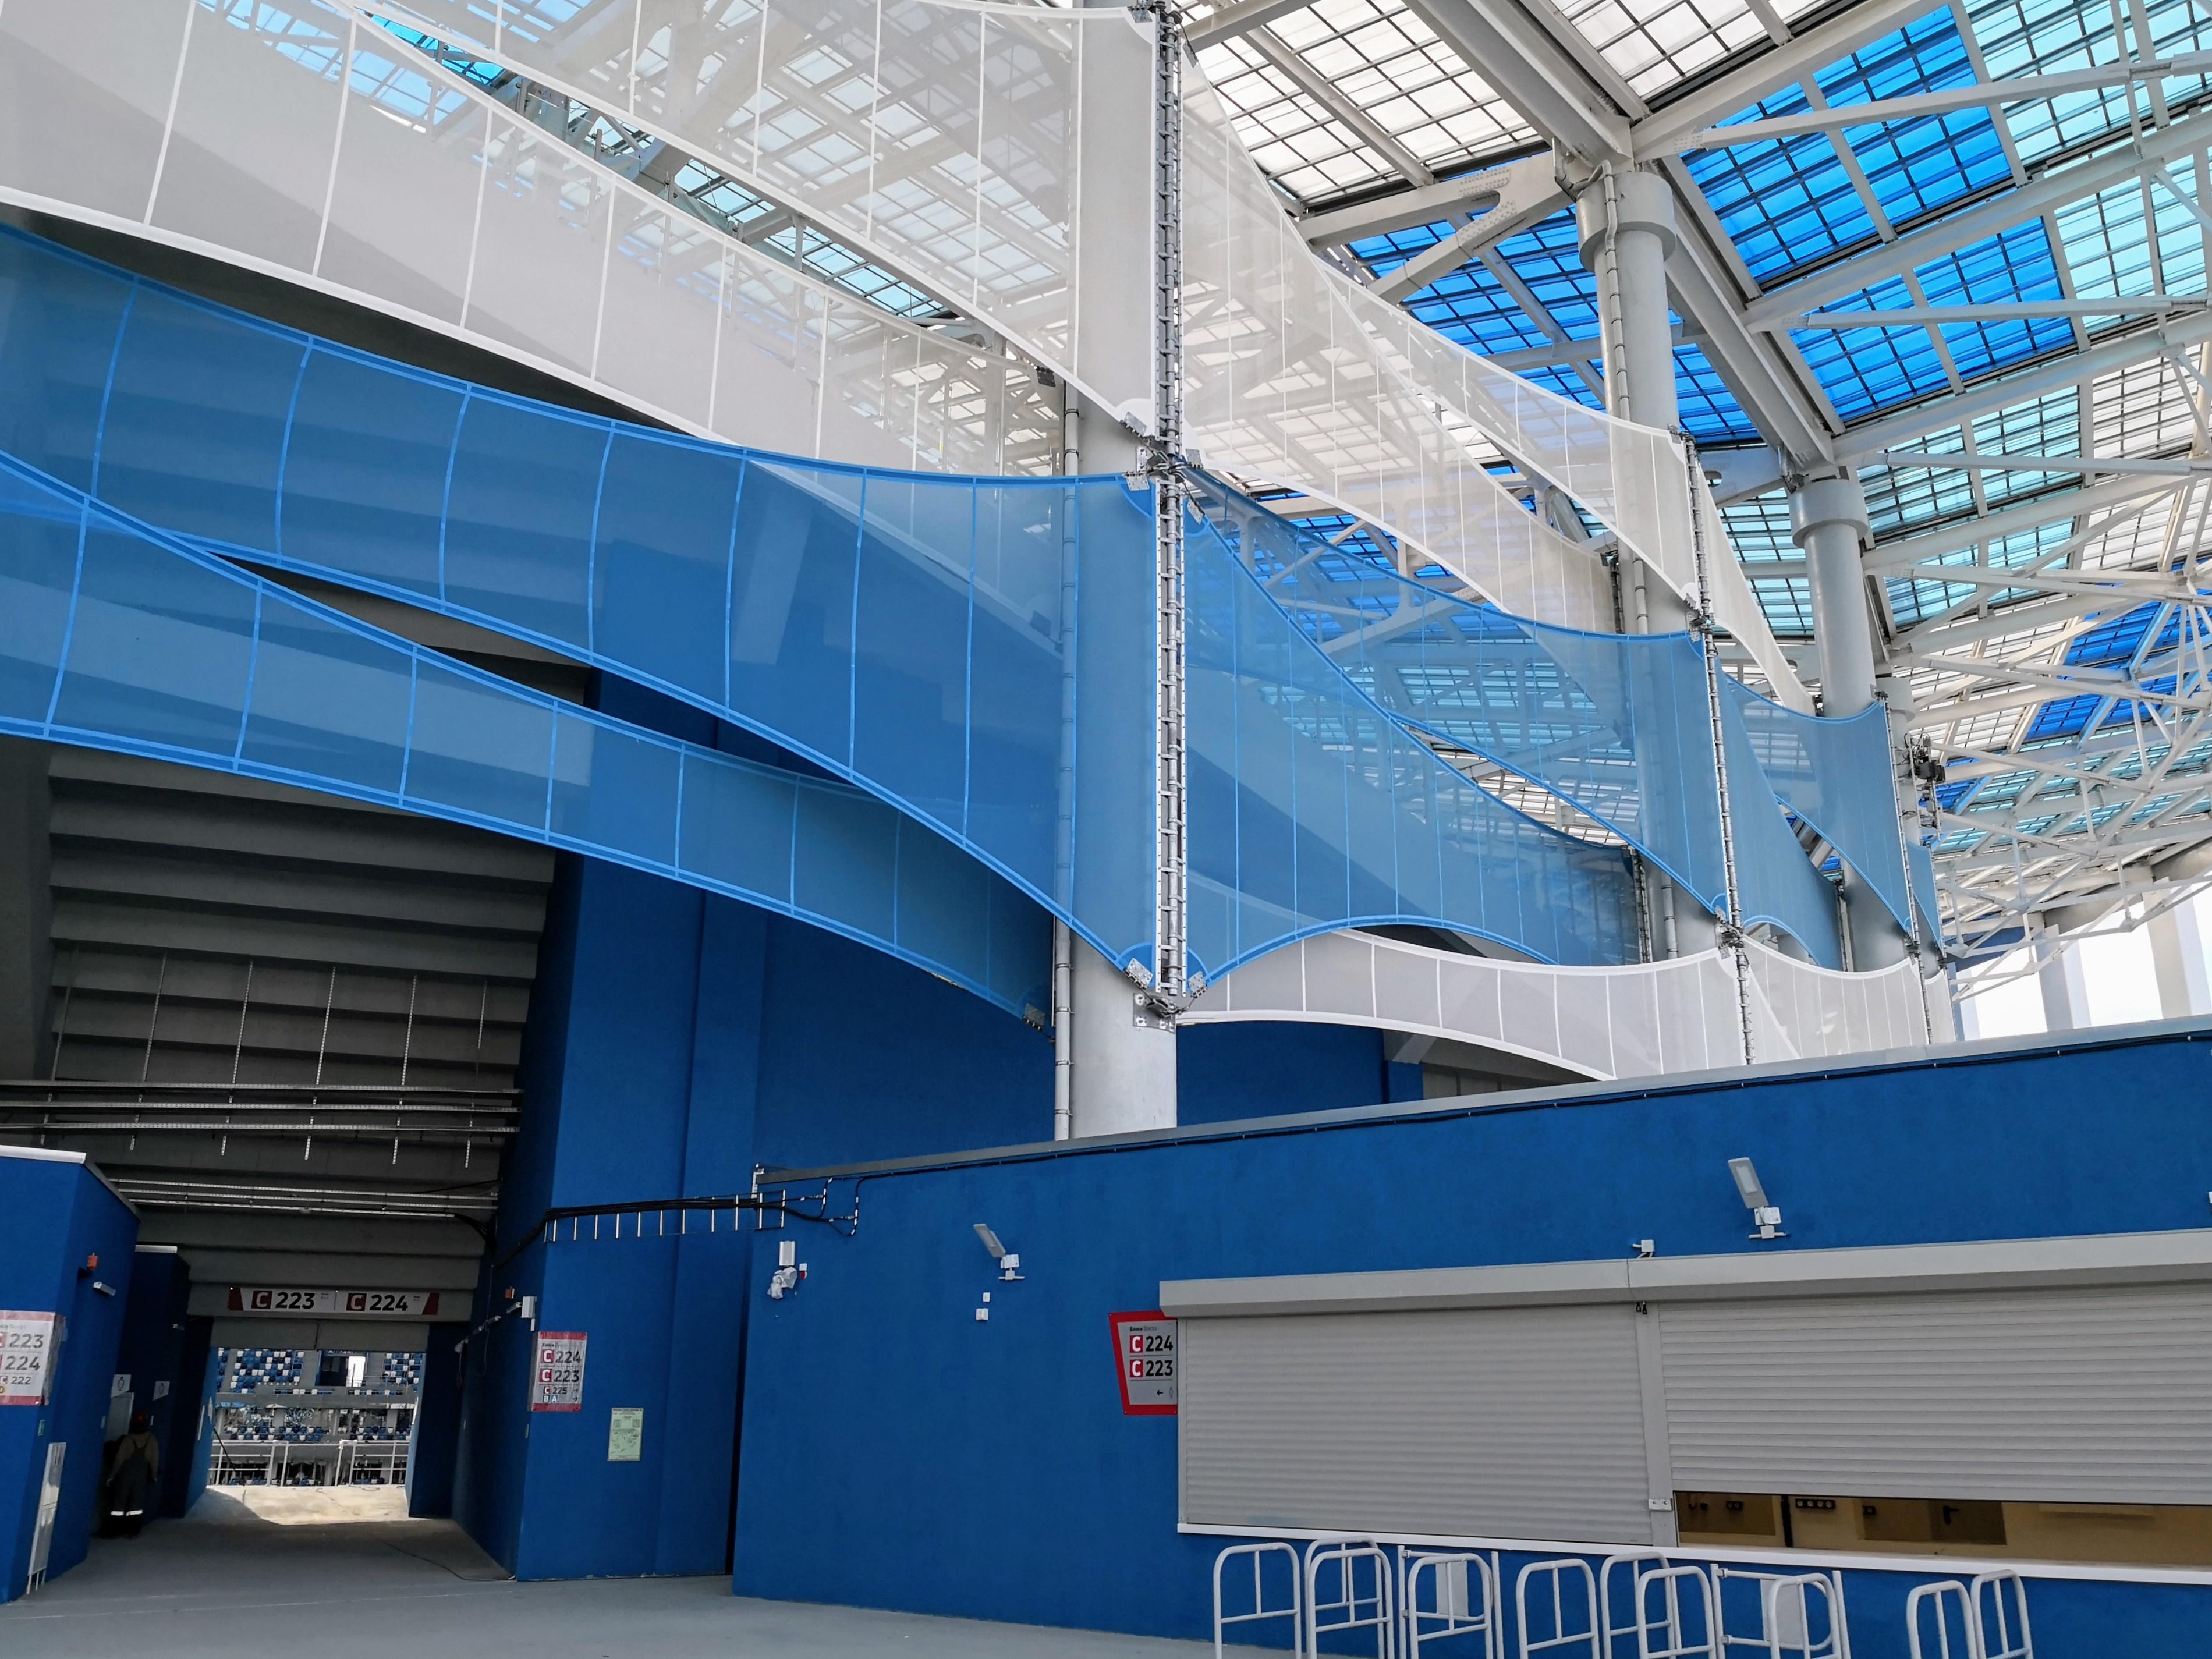 Мембраны, защищающие чашу стадиона от ветра, вид снаружи